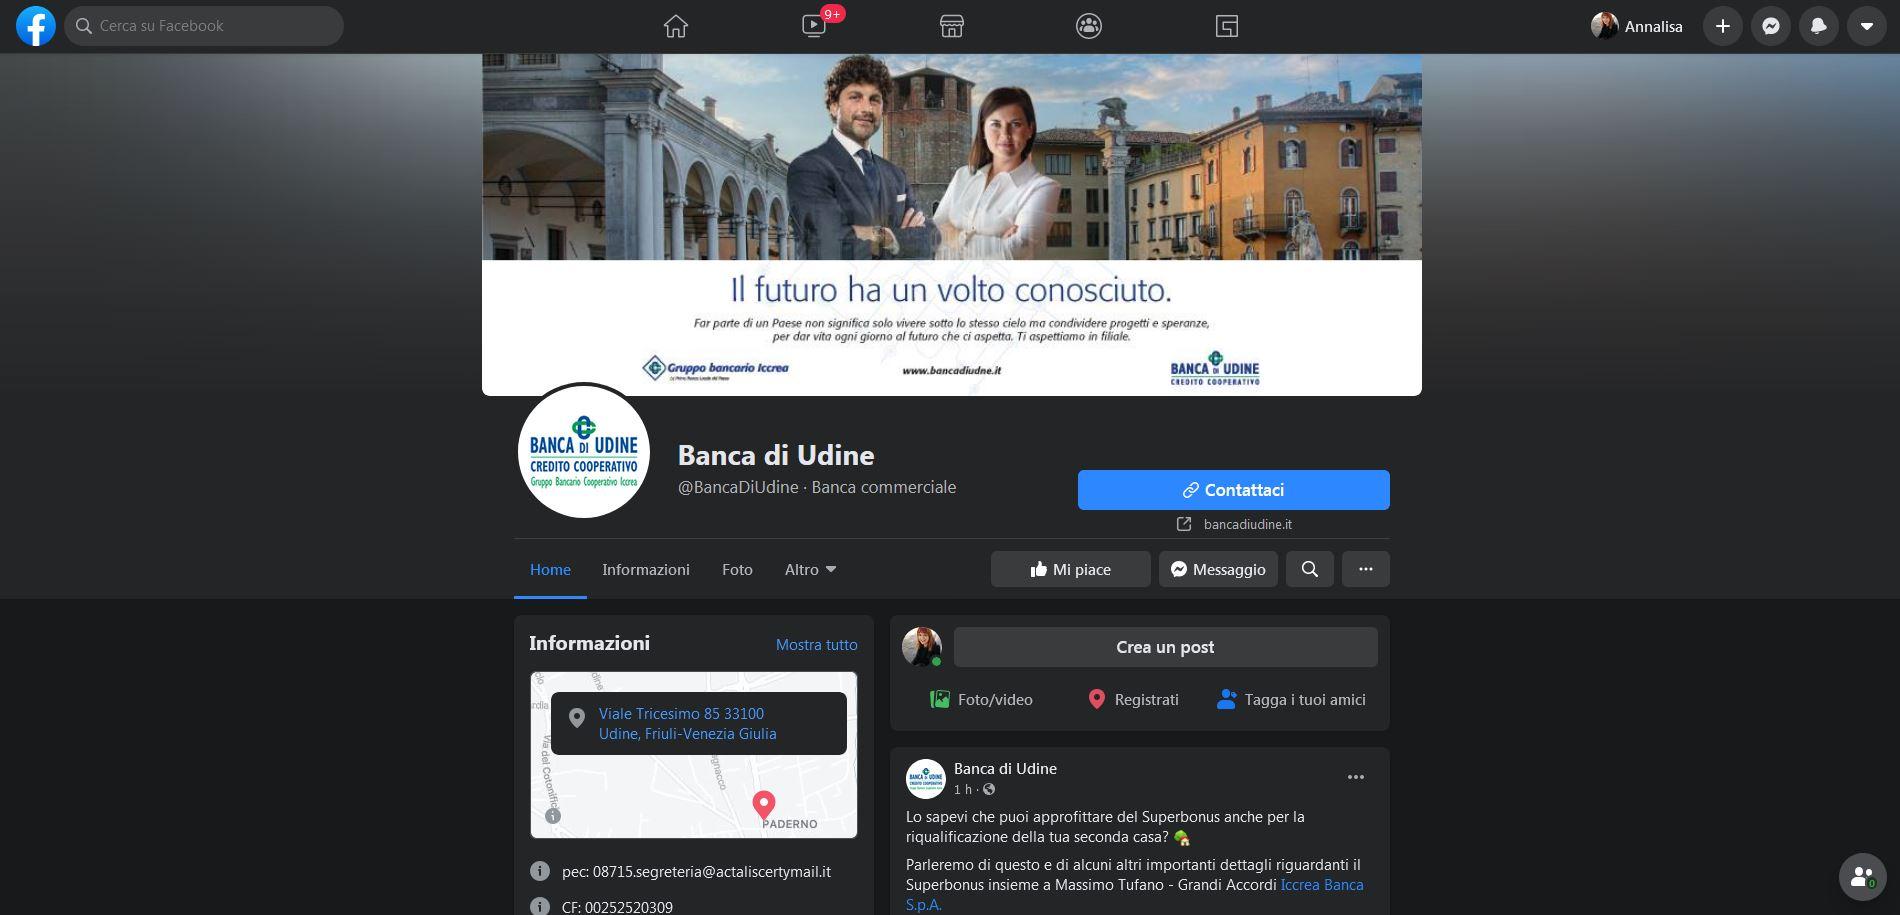 """Istituti di credito sempre più social: Banca di Udine e le """"Azioni di Valore"""""""